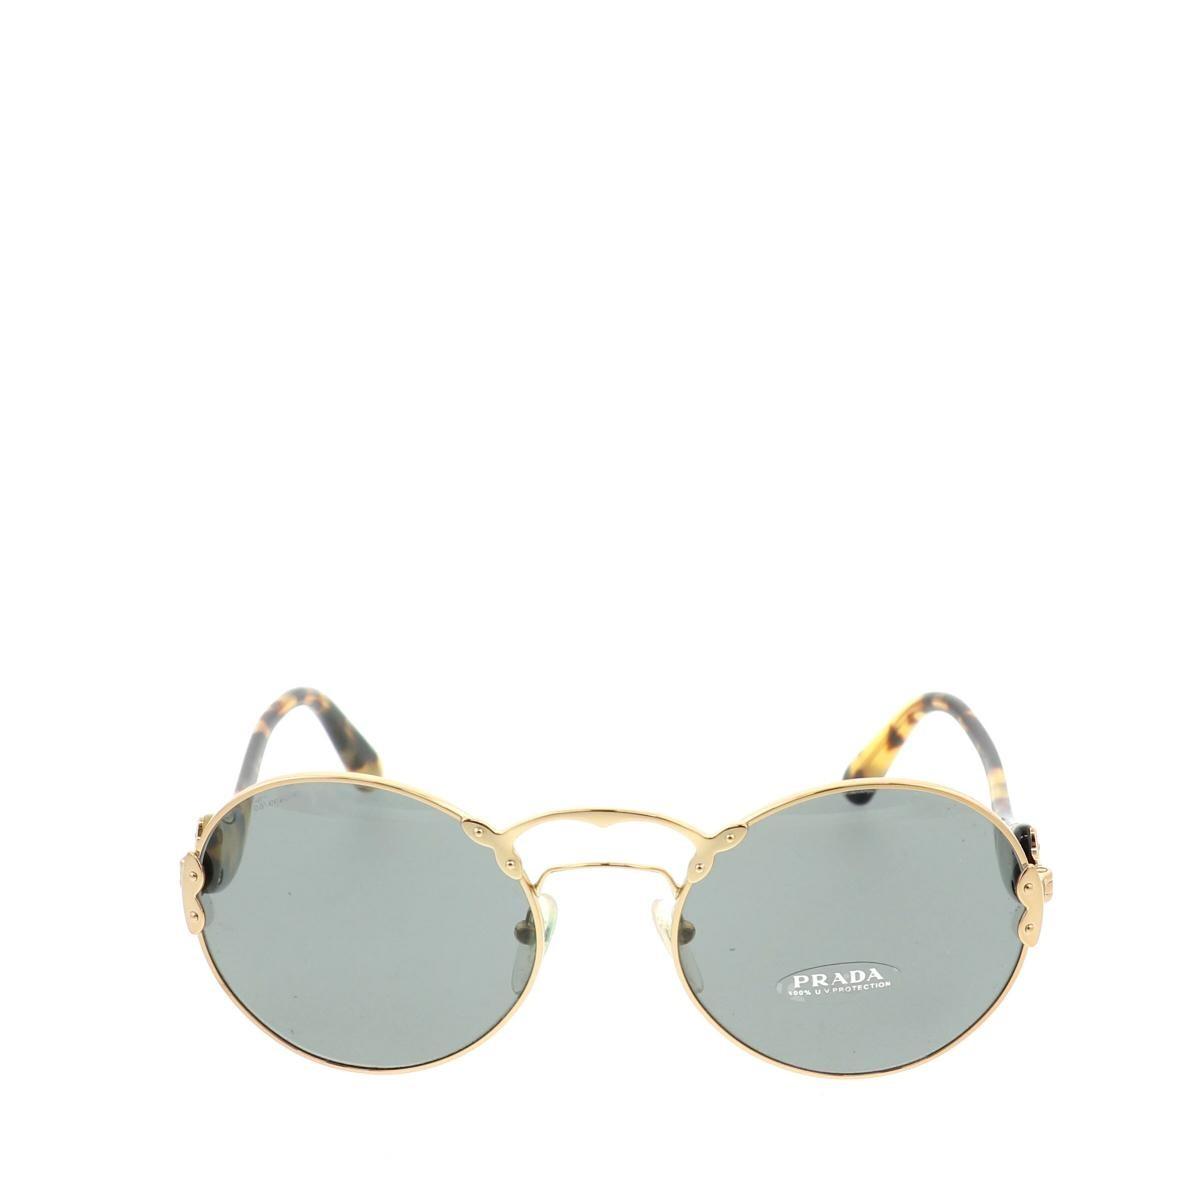 【中古】 PRADA (プラダ) サングラス 服飾 眼鏡/サングラス Sunglasses Gold FREE used:B